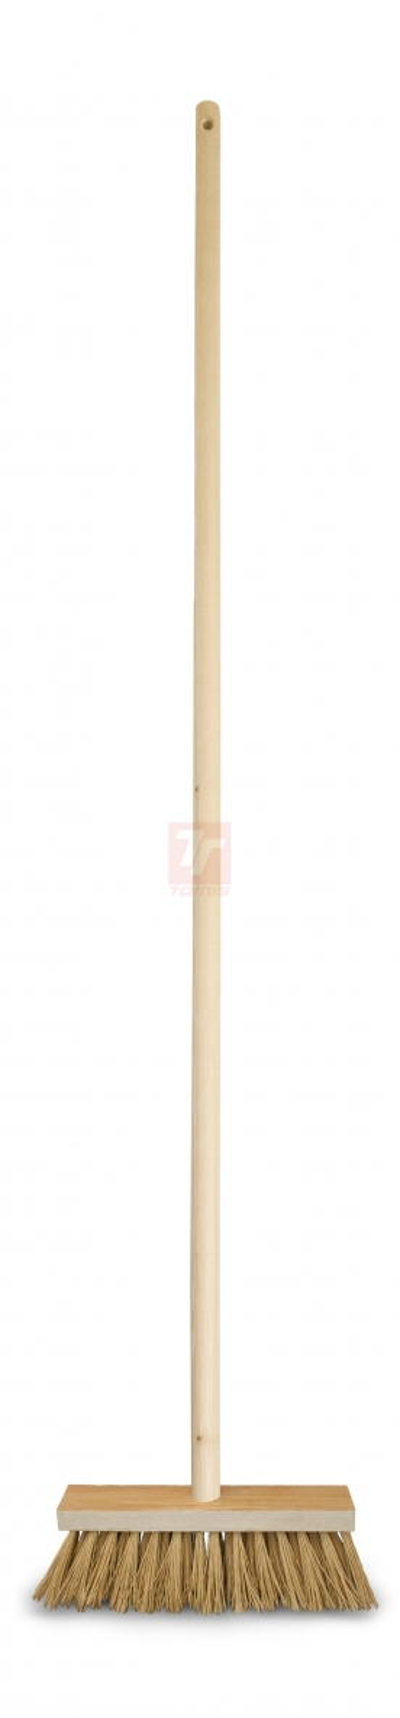 koště dřevěné s holí - 5039